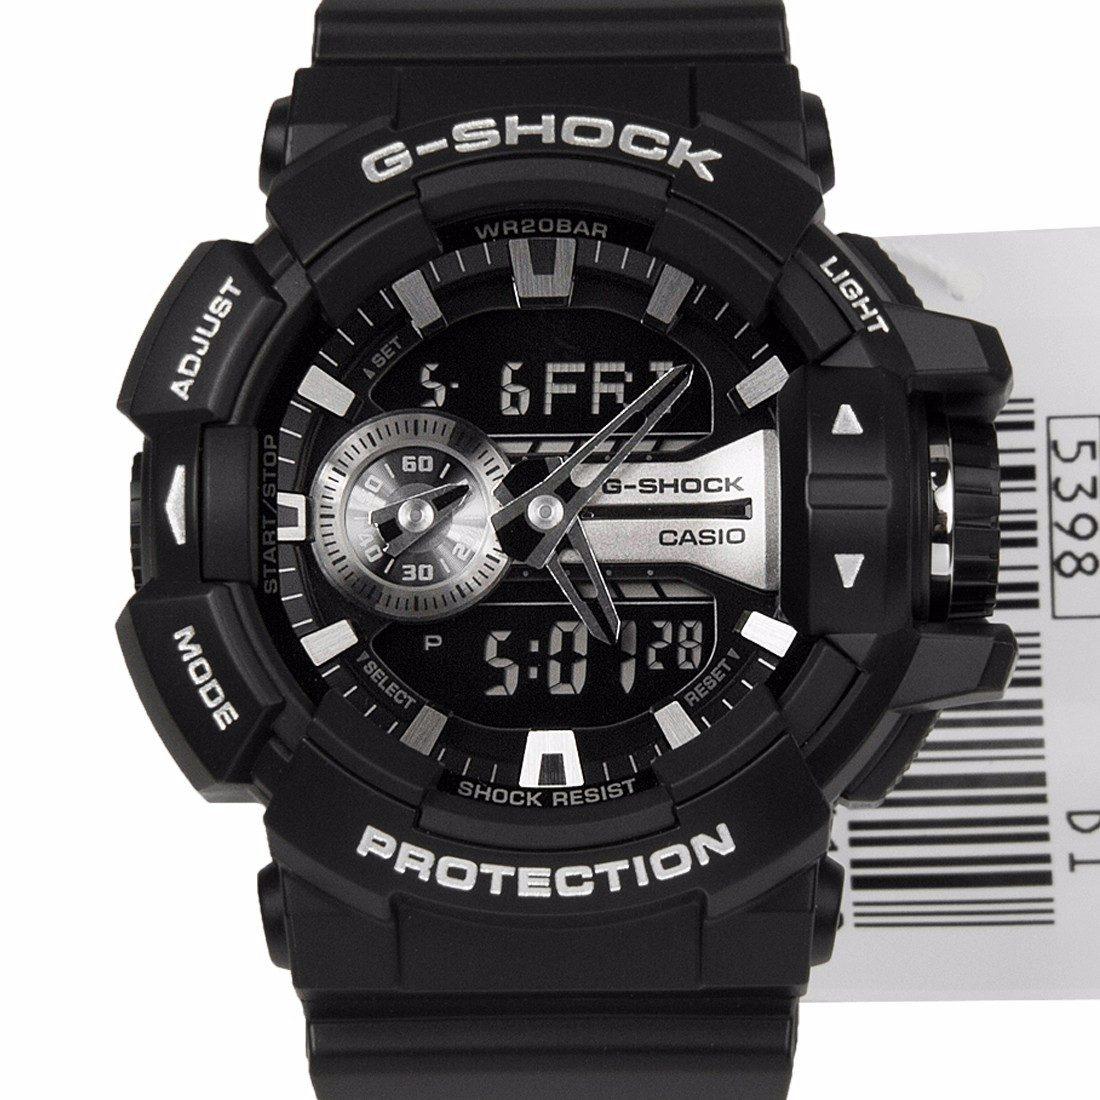 97f684d57d0 relógio casio g-shock ga-400gb-1a lançamento novo ga400. Carregando zoom.